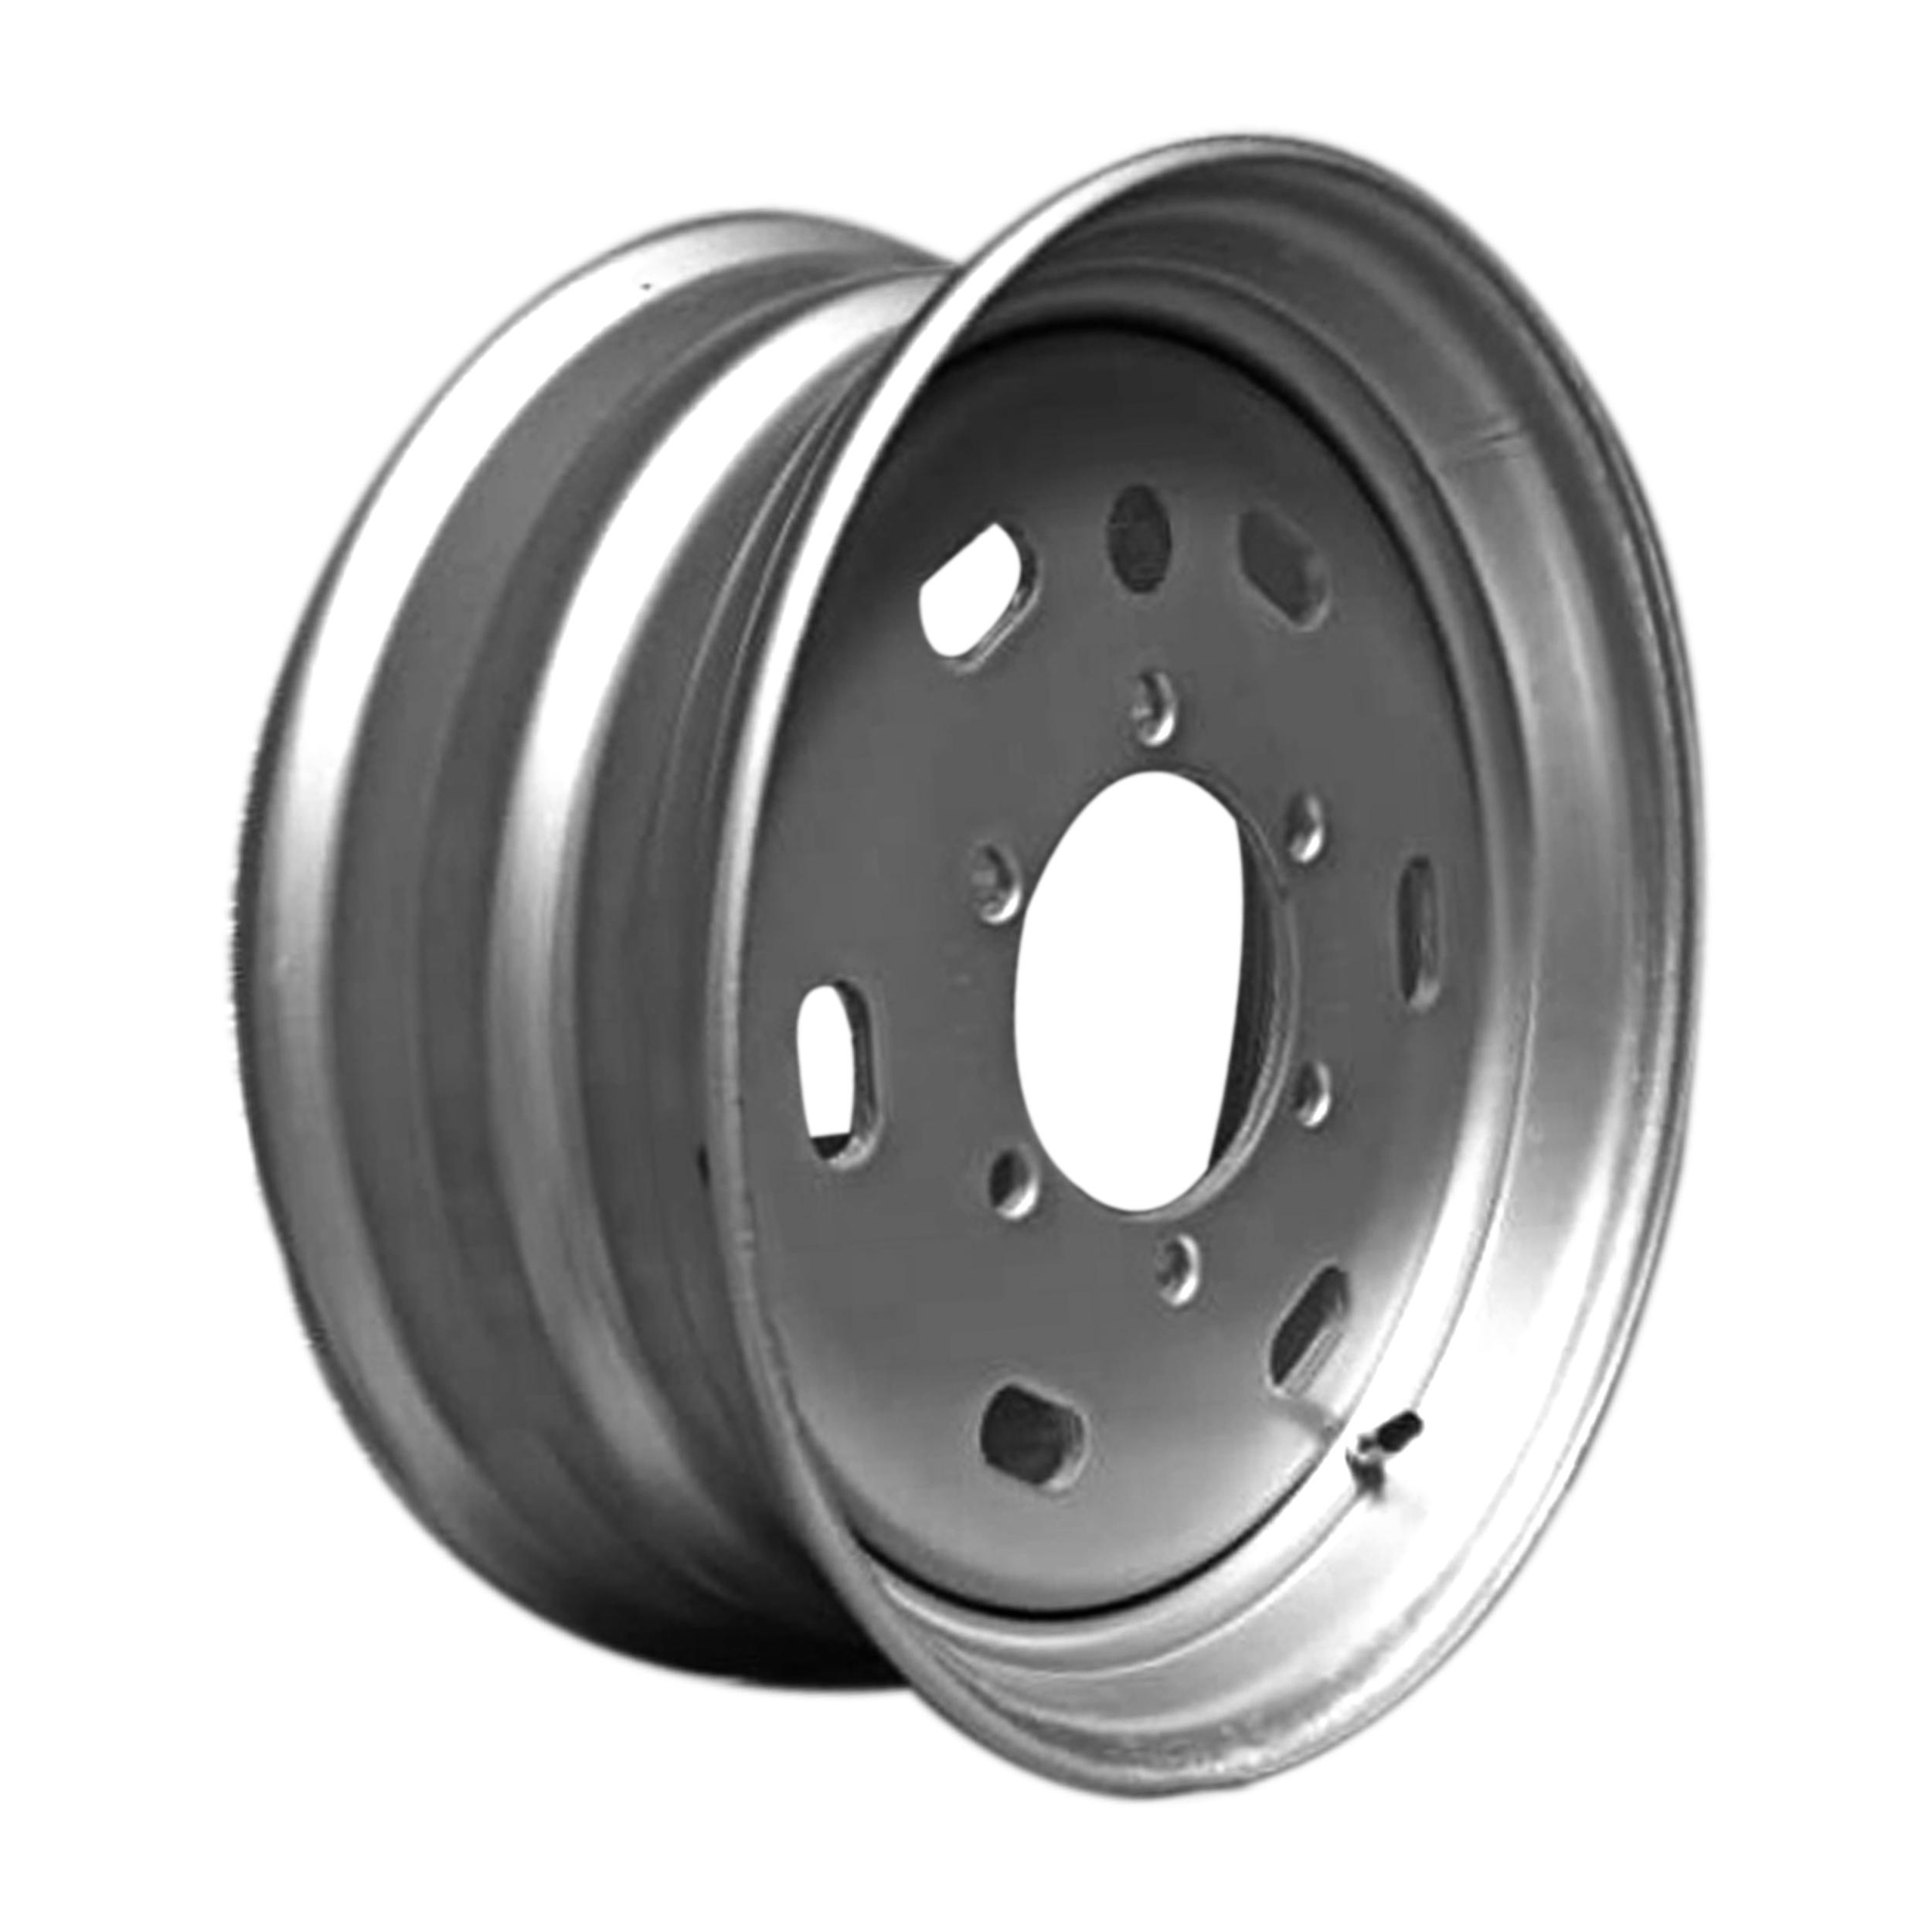 رینگ چرخ مدل 17501 سایز 17.5 اینچ مناسب برای نیسان وانت